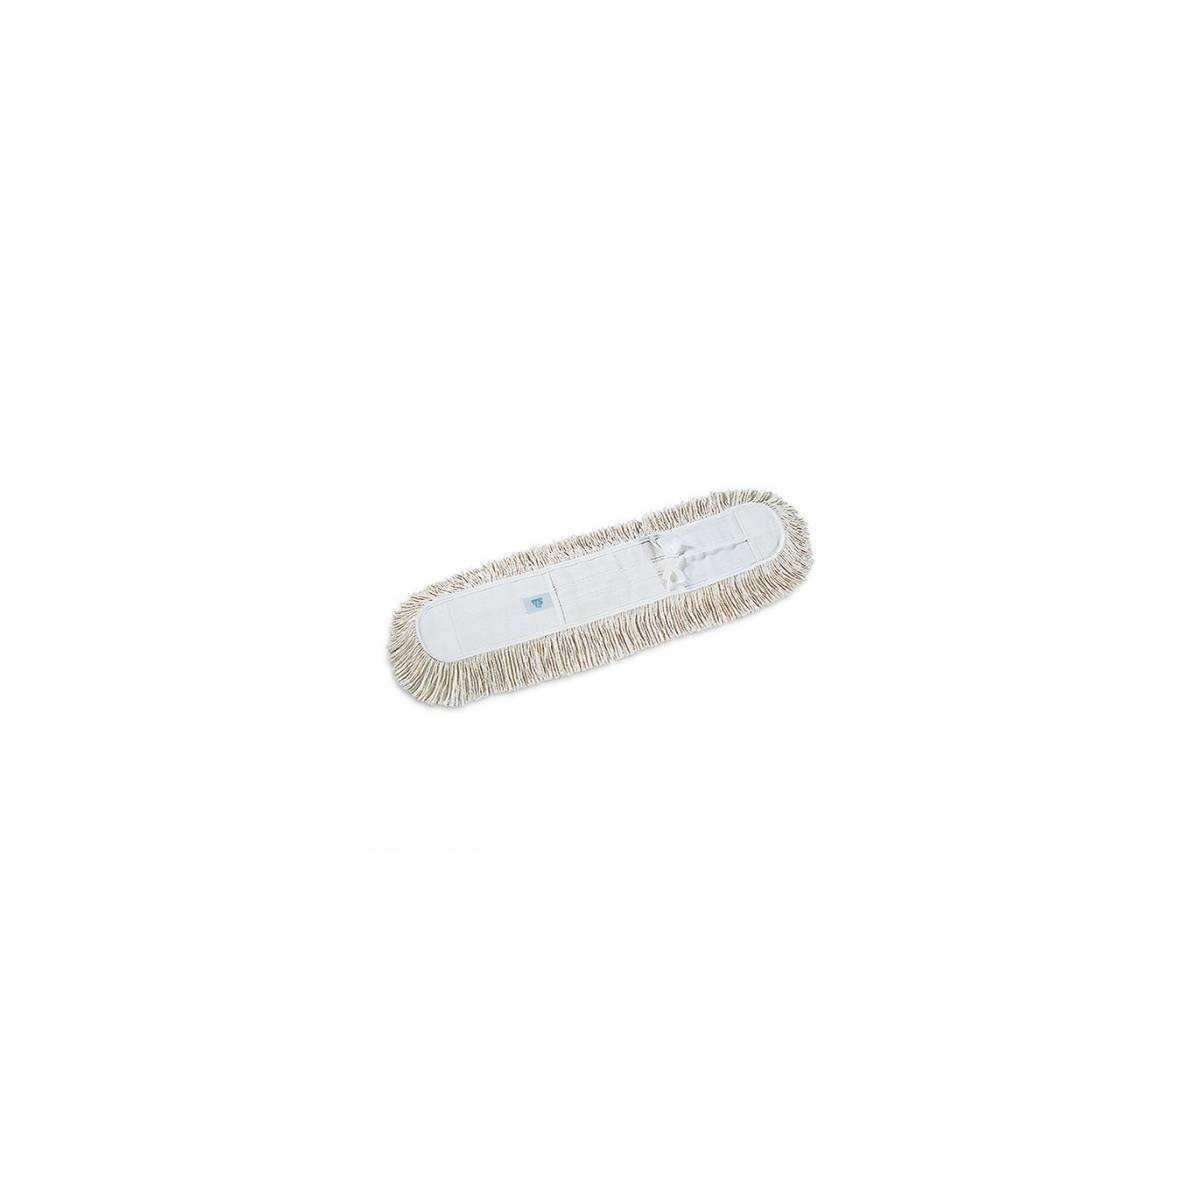 Моп (запаска) для сухой уборки хлопок 60см с завязками 252 TTS